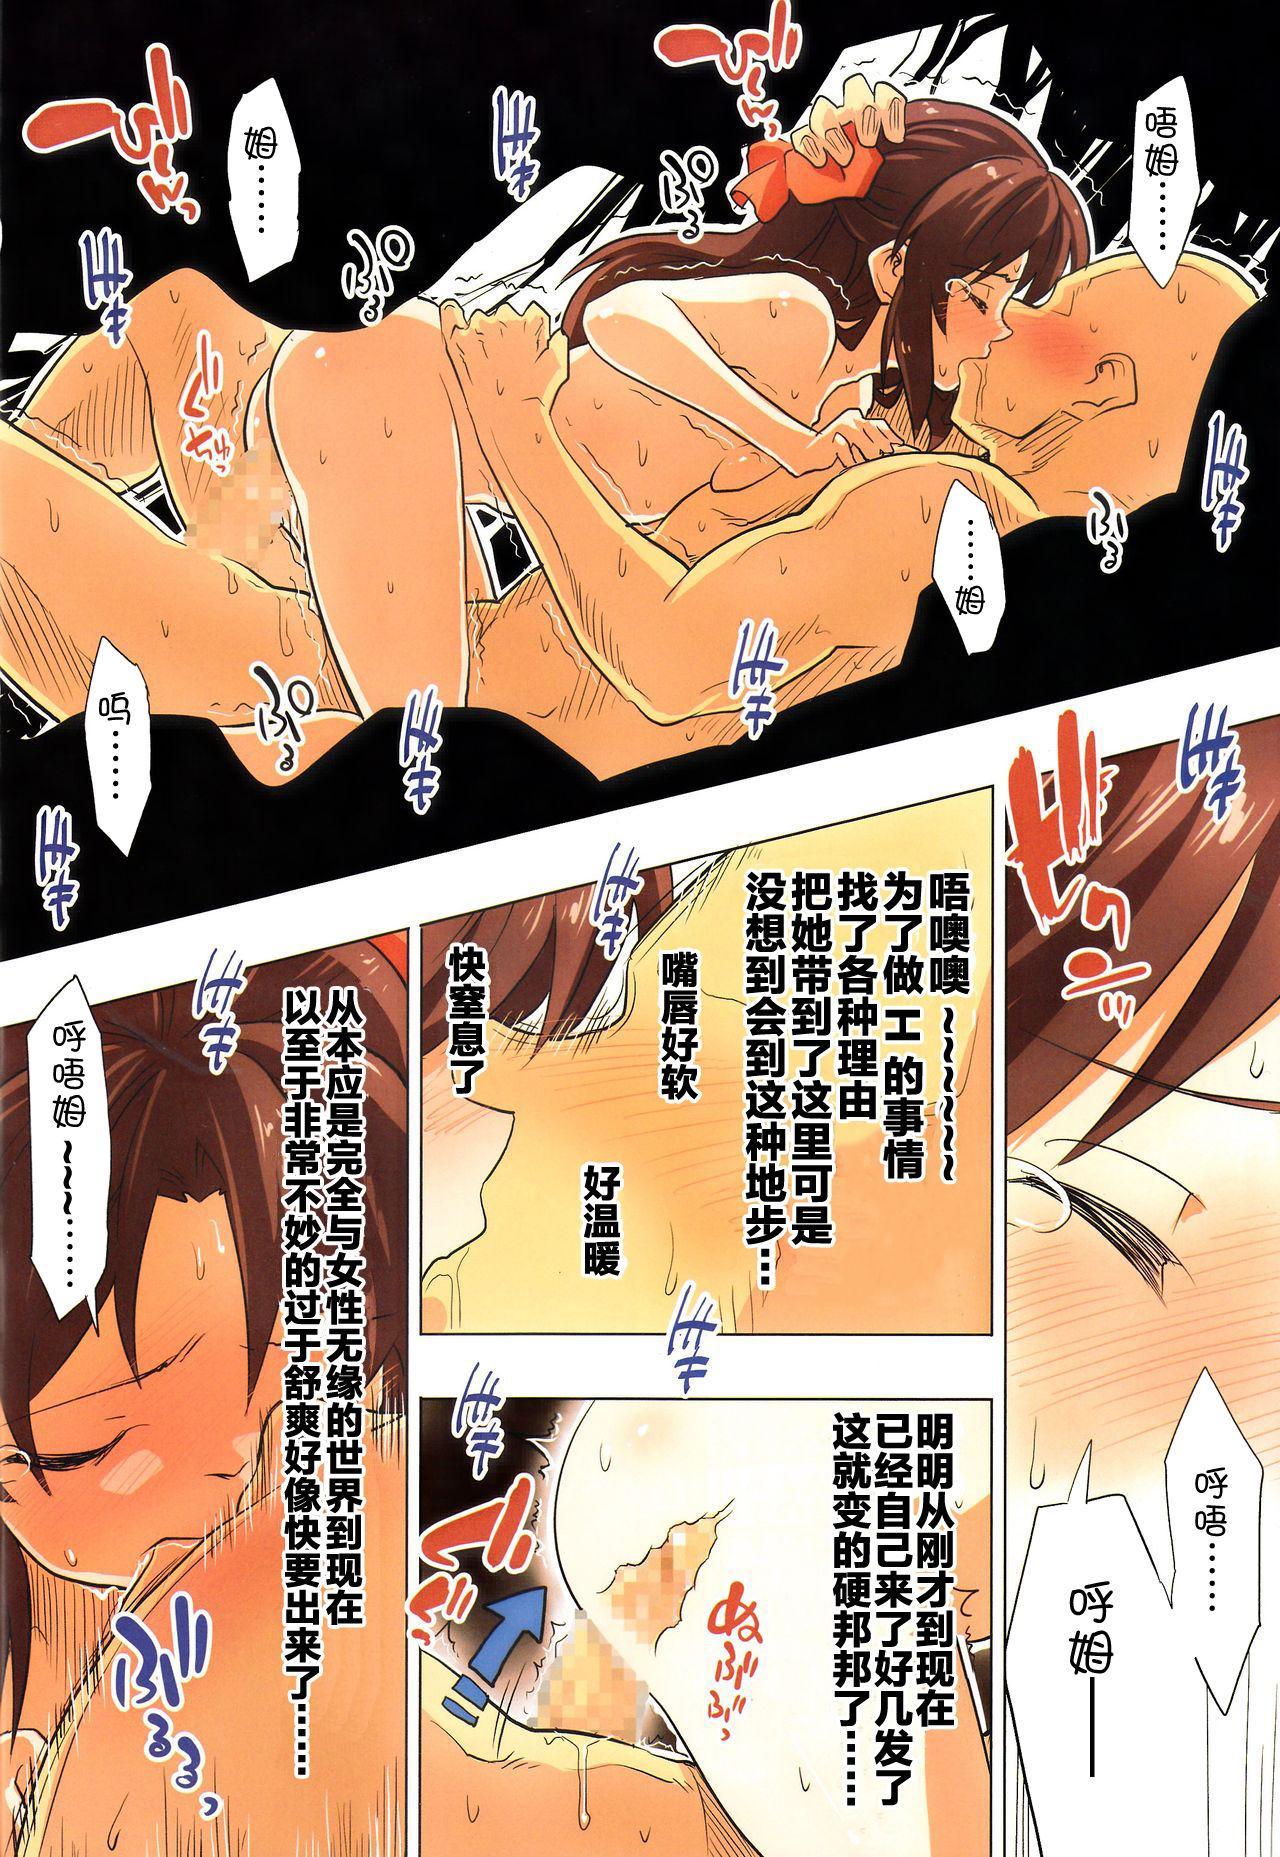 Jibun no Mihitotsu de Isekai ni Teni shita Onnanoko no Hanashi 22